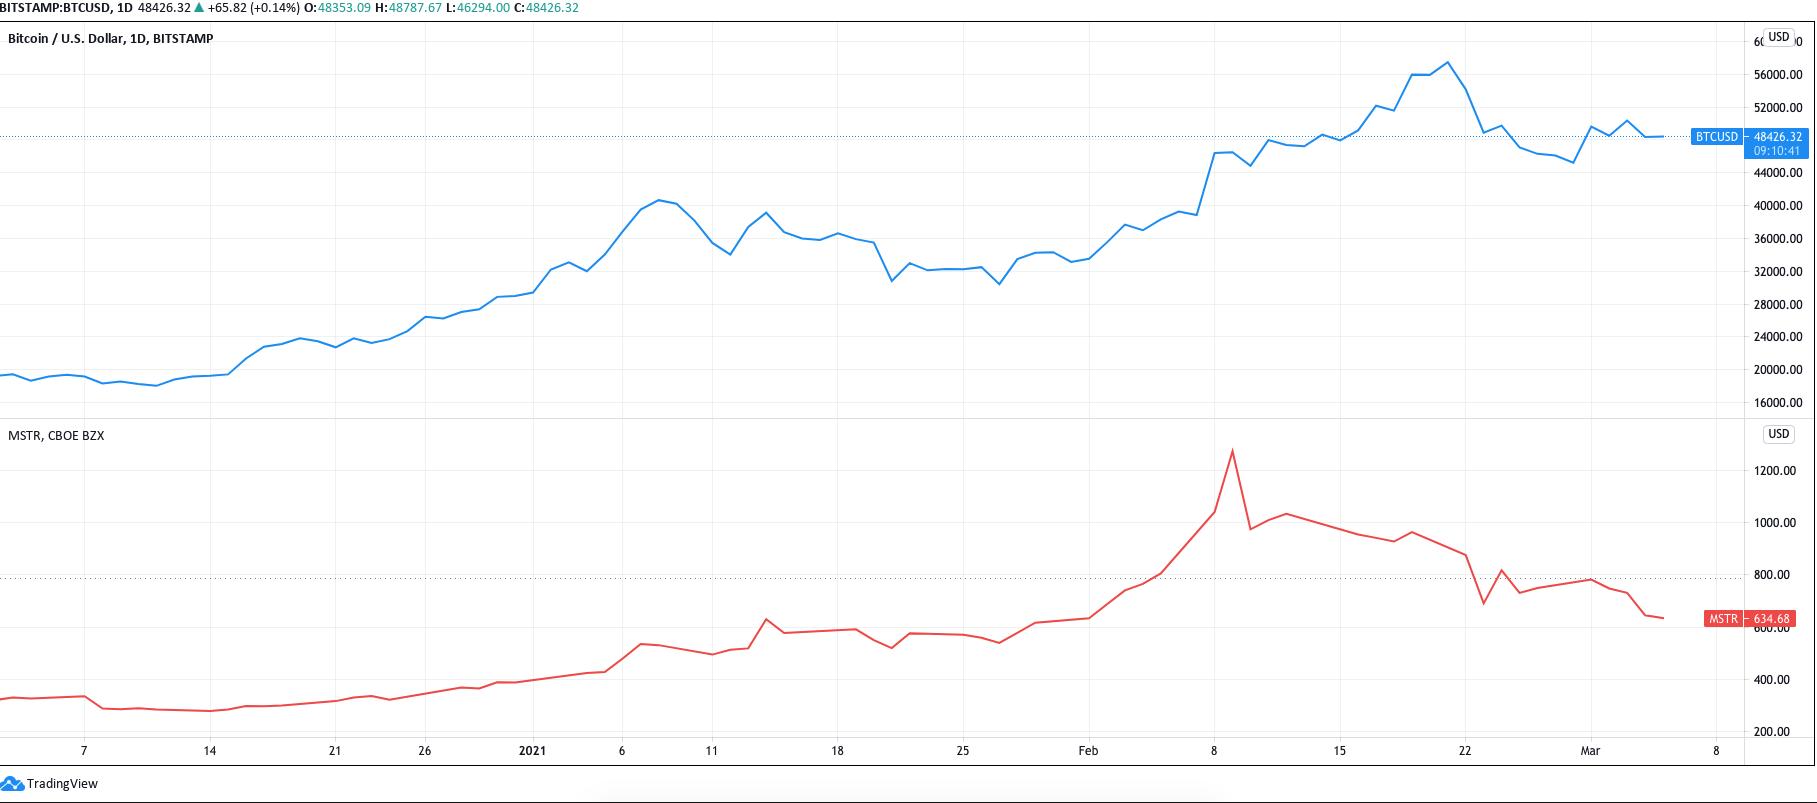 """Không còn """"hiệu ứng Bitcoin"""" nữa? Cổ phiếu của MicroStrategy giảm 50% trong 17 ngày"""